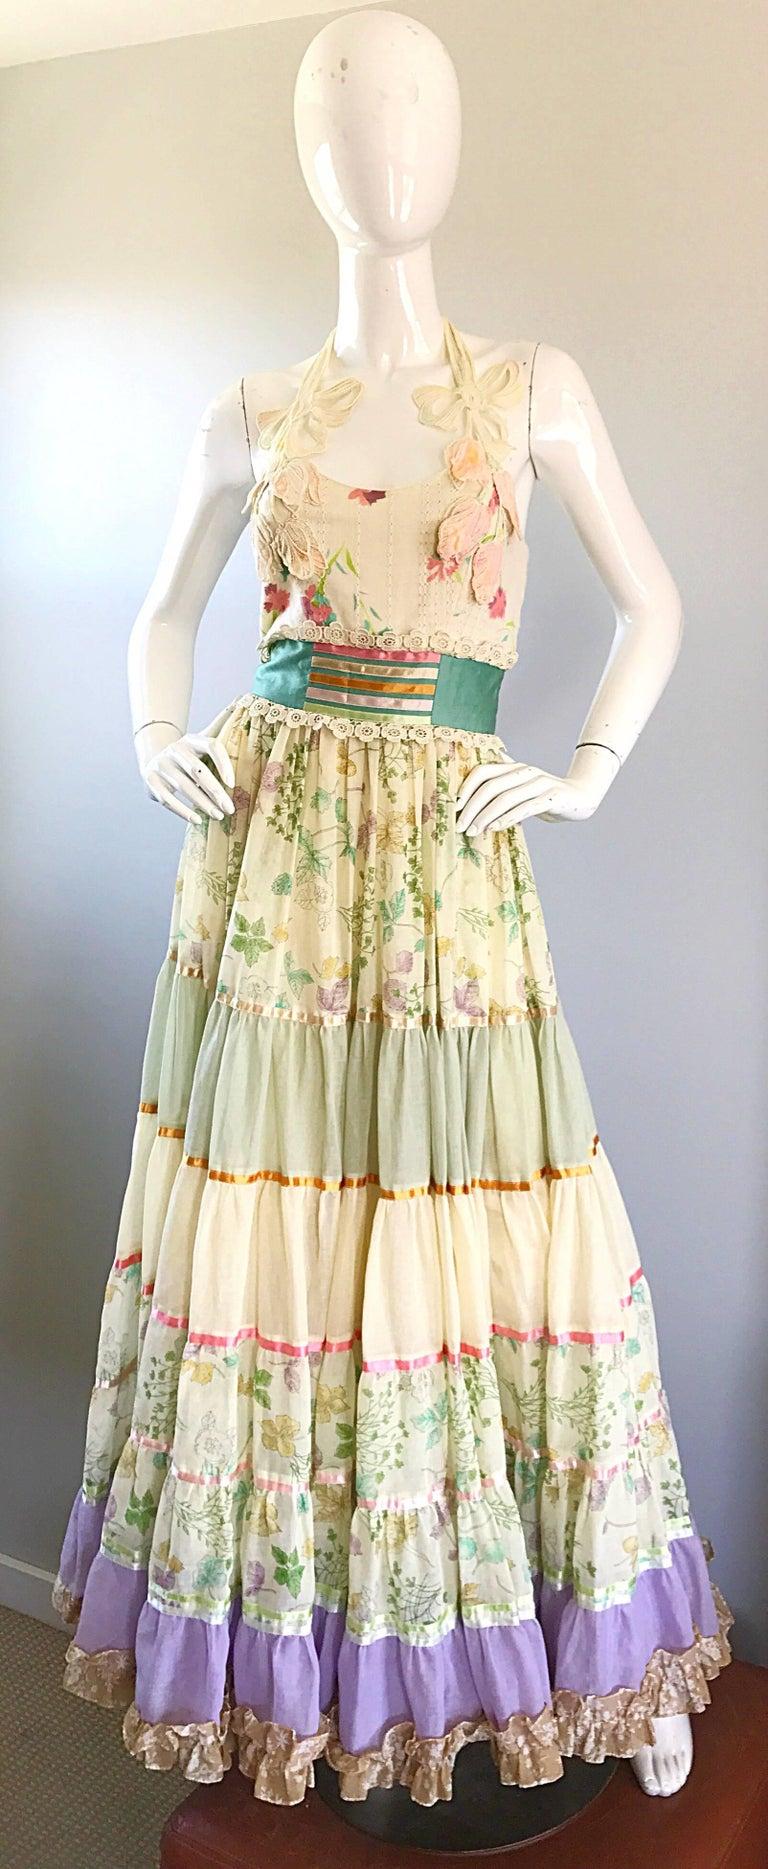 Giorgio di Sant Angelo 1970s Rare Colorful Cotton Voile Vintage 70s Maxi Dress For Sale 4